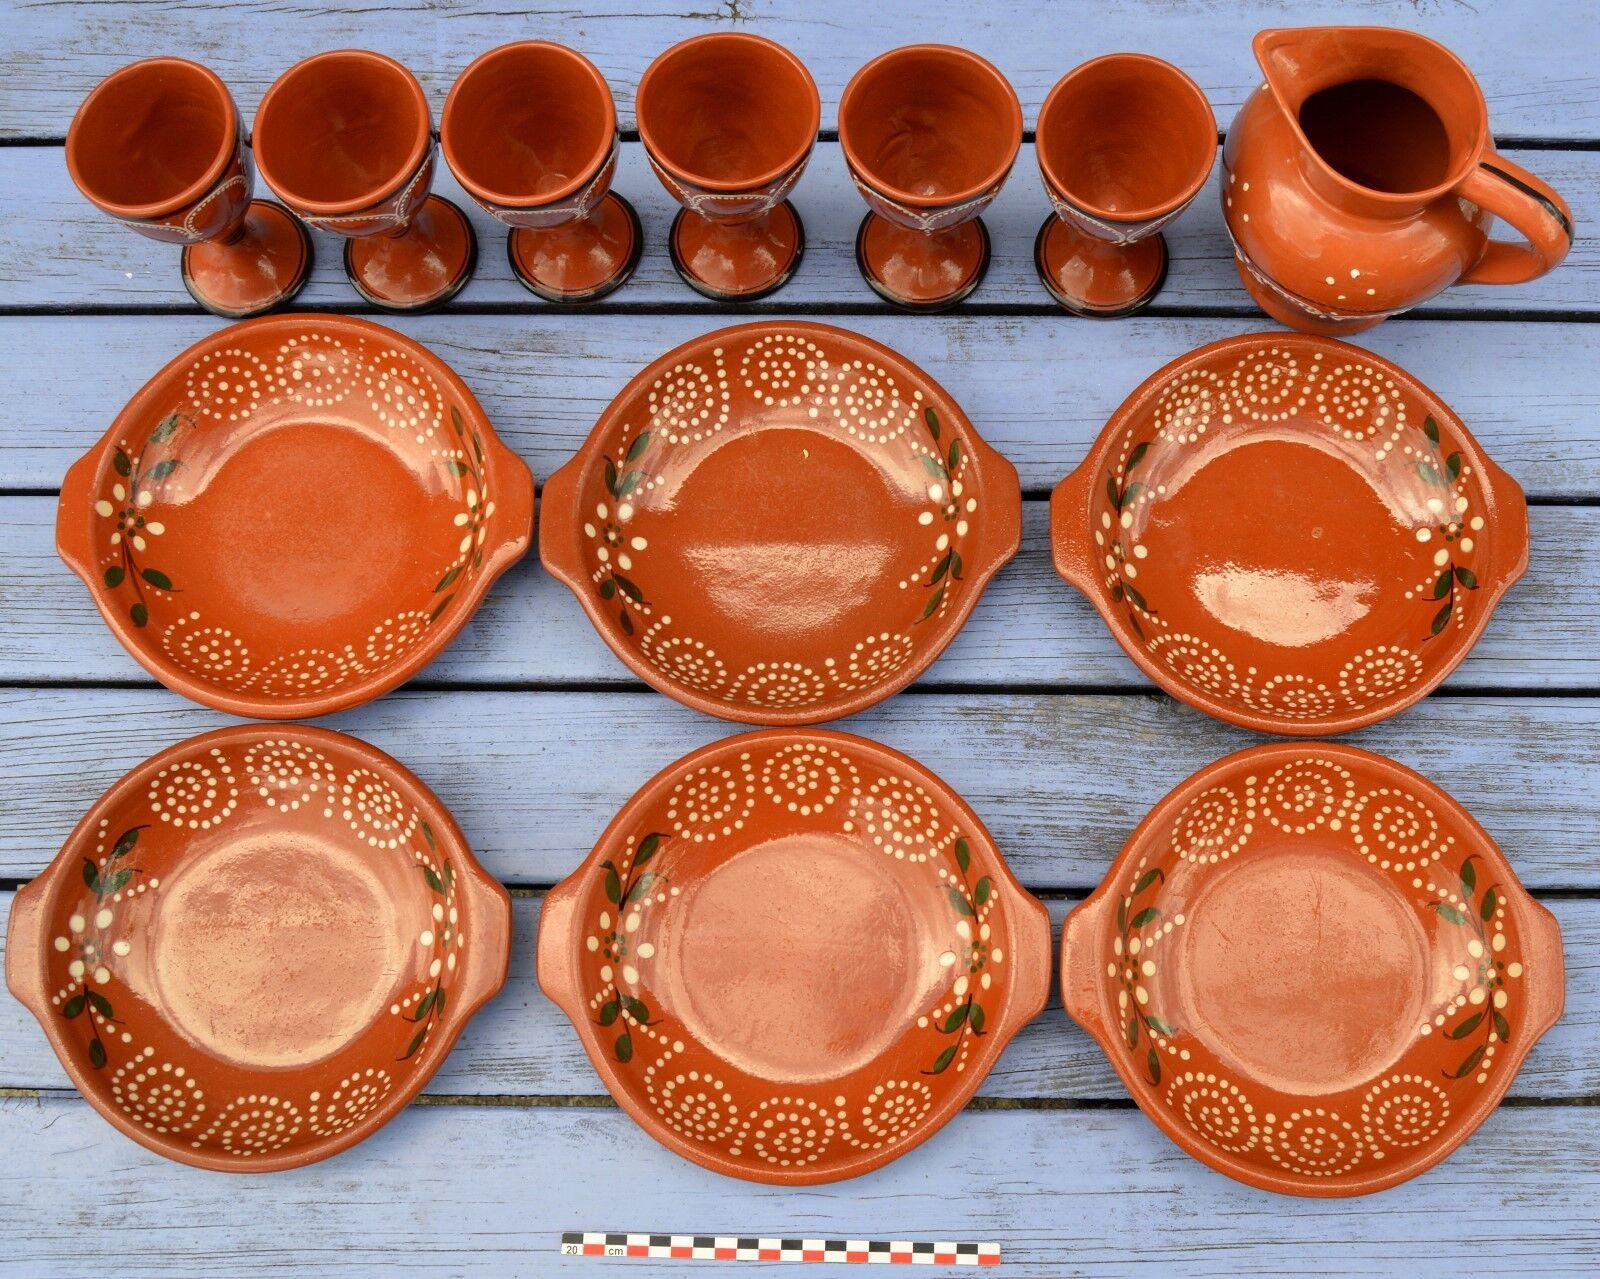 Superbe service complet de vaisselle portugaise, 6 assiettes, 6 verres, 1 pichet